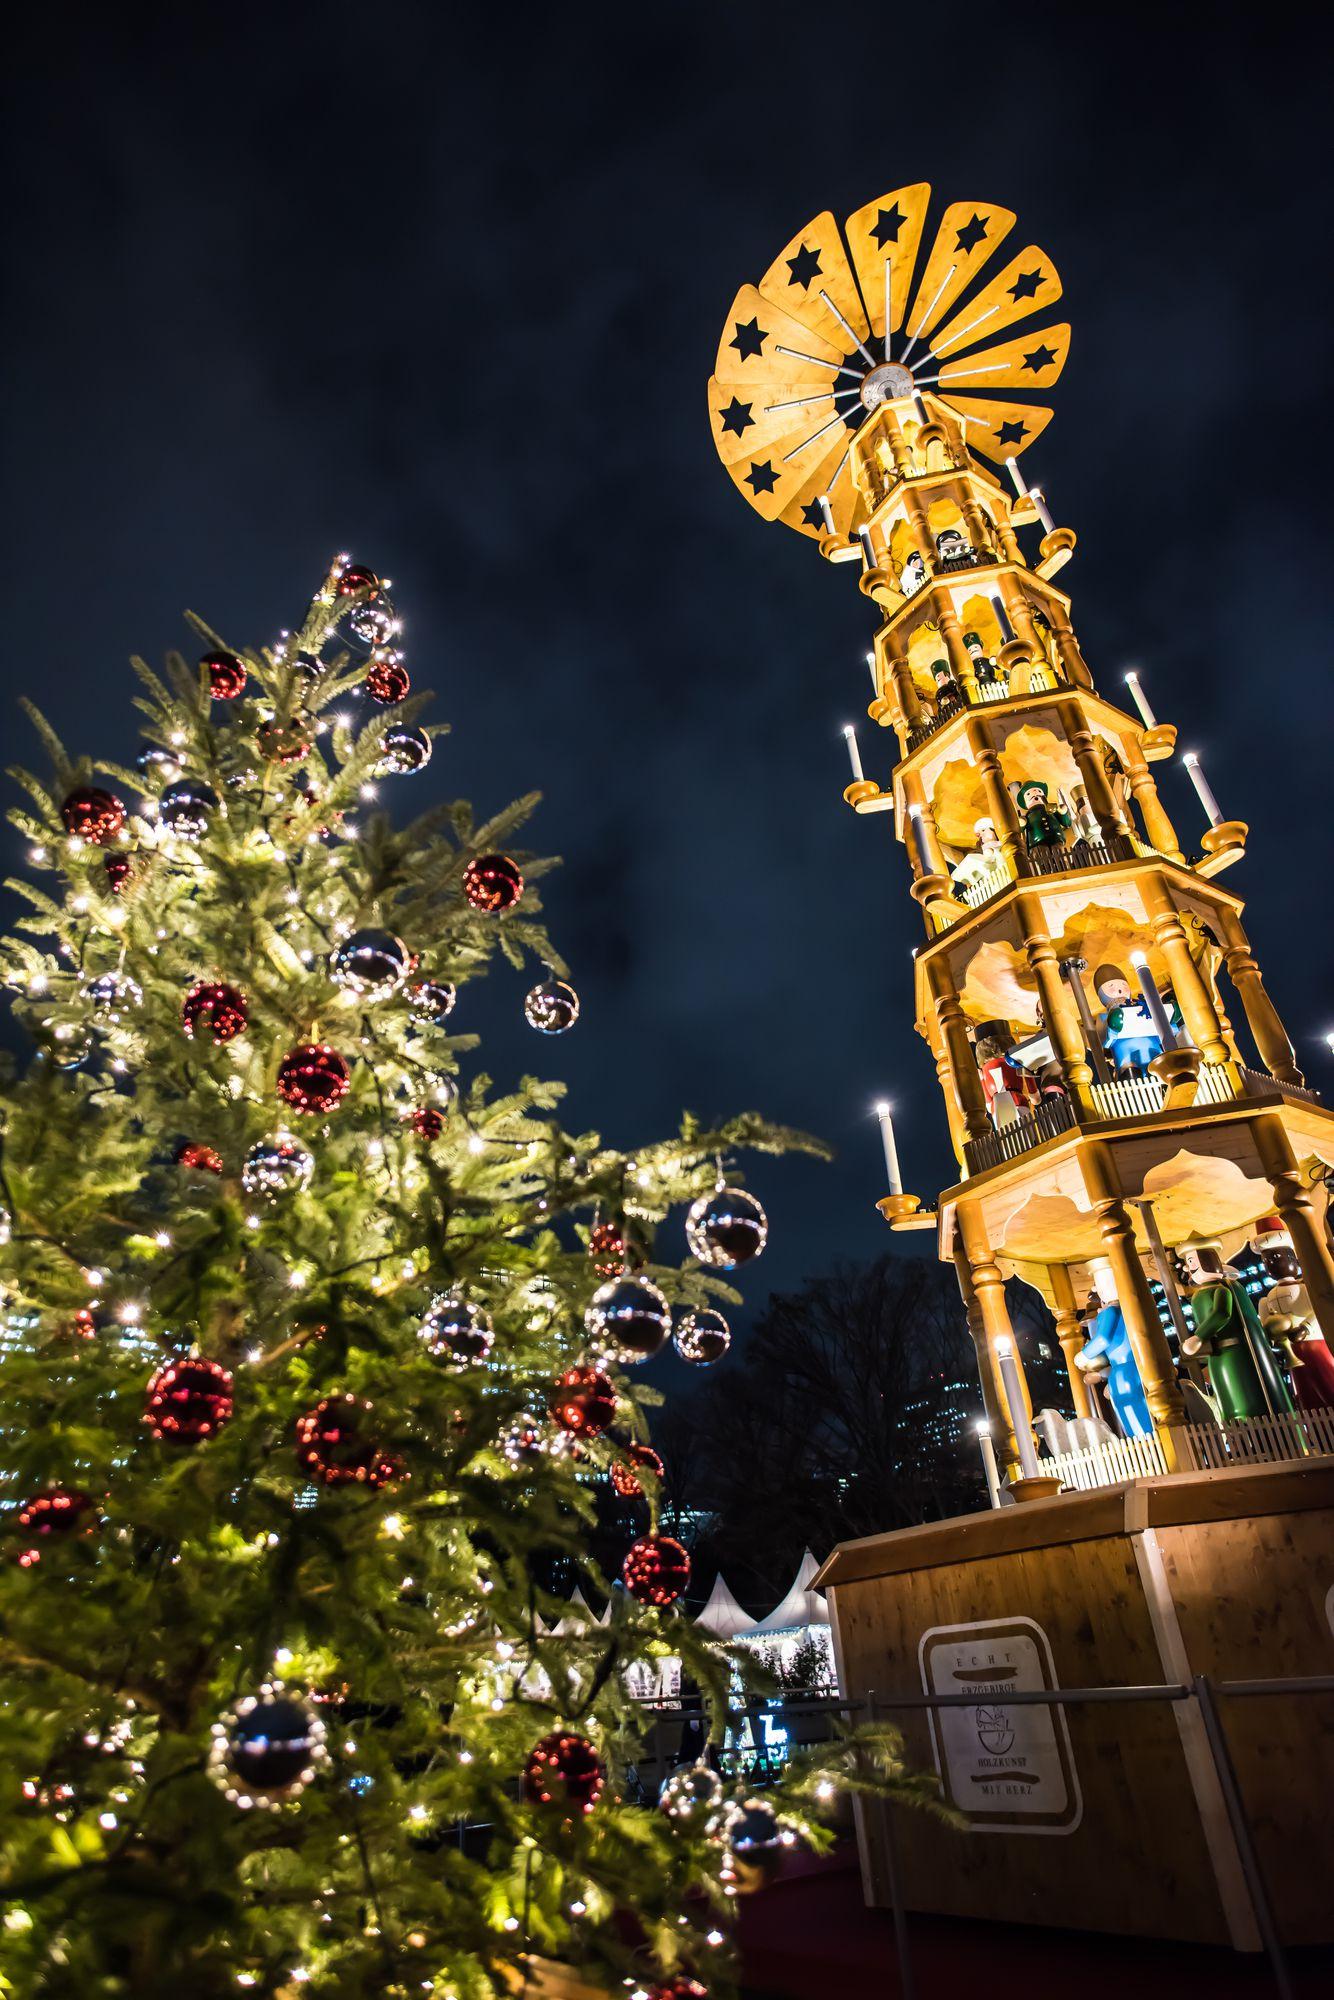 クリスマス マーケット 2020 ドイツ